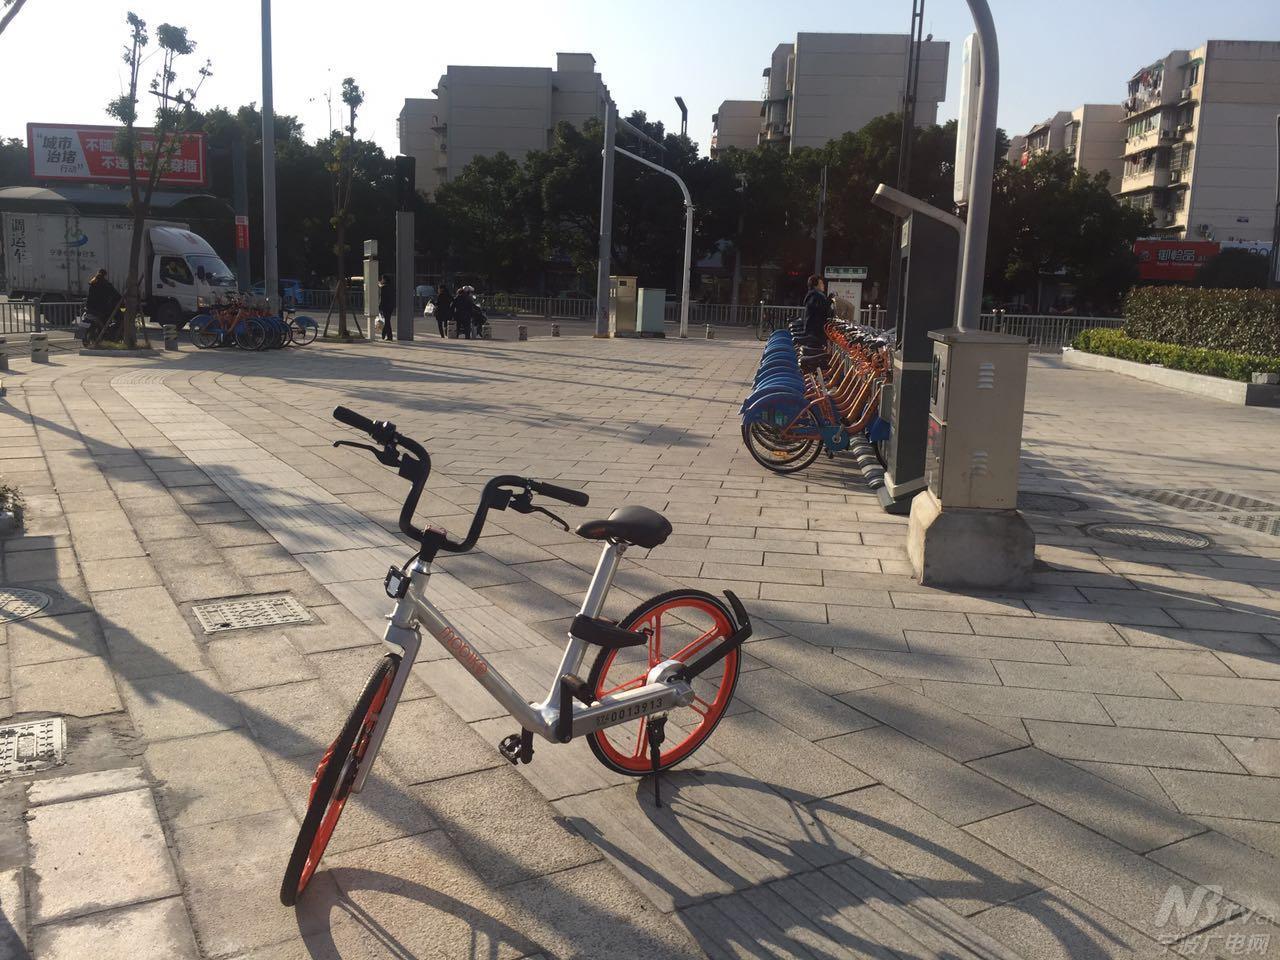 共享单车成网红 遇乱停放私占等问题怎么办-